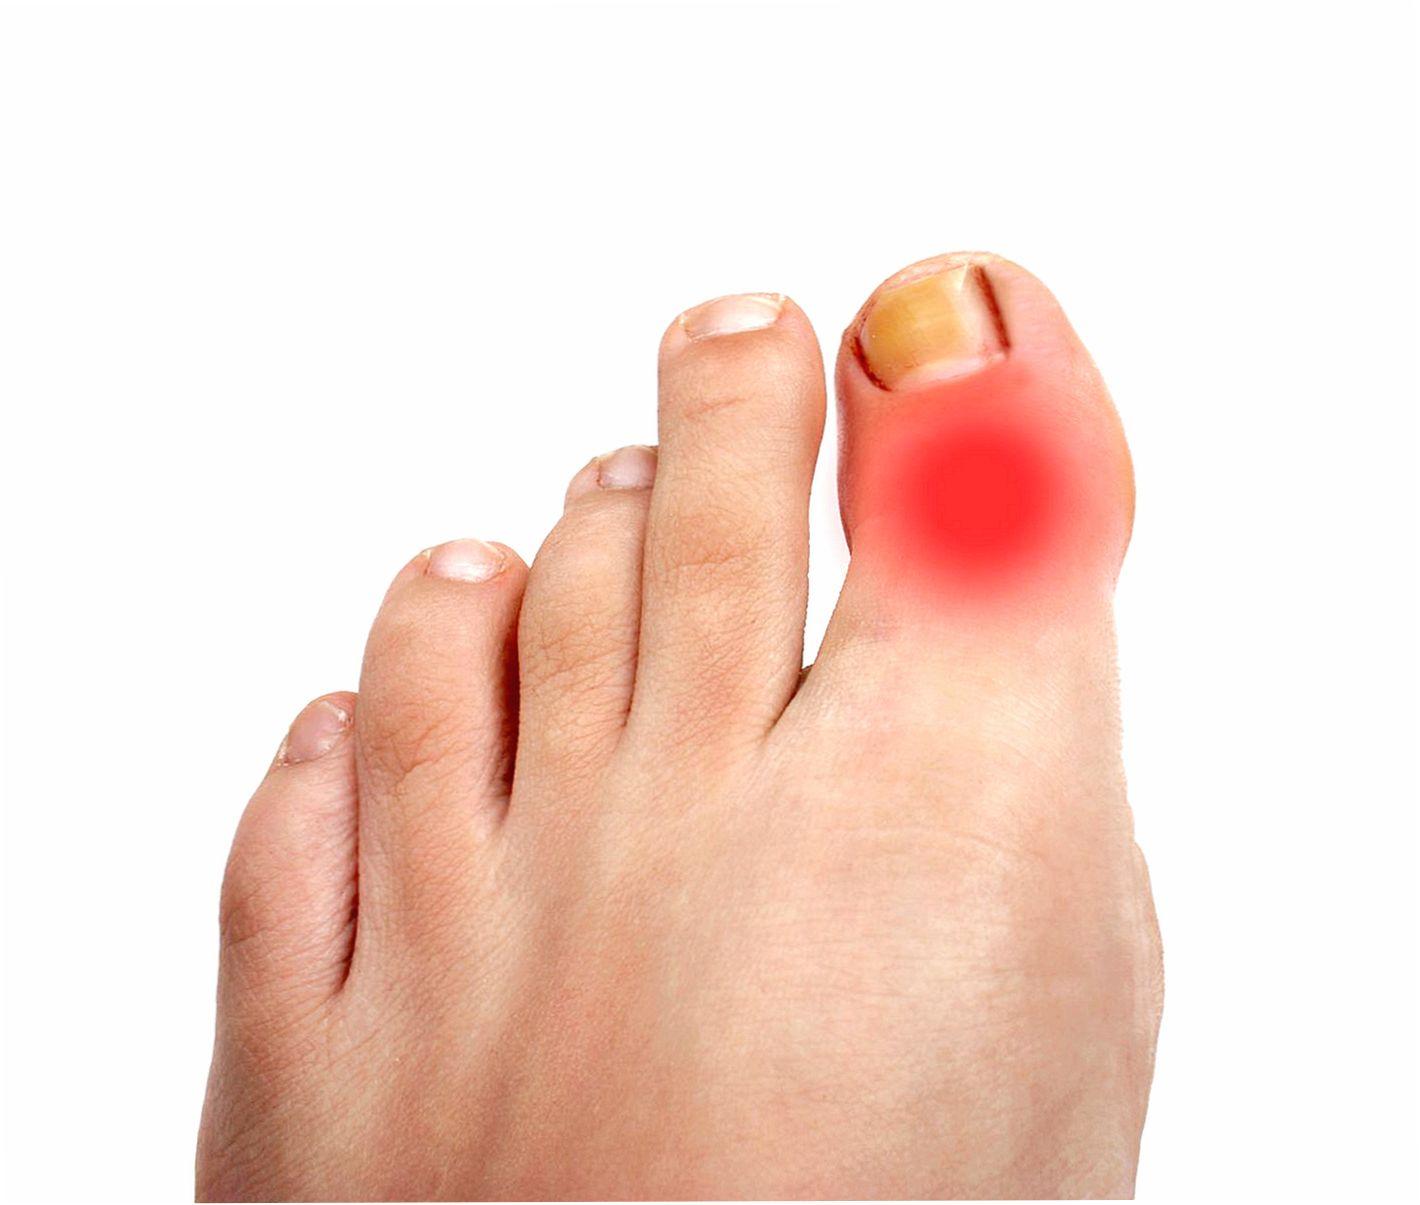 Трещина сустава большого пальца ноги двусторонний артроз челюстных суставов